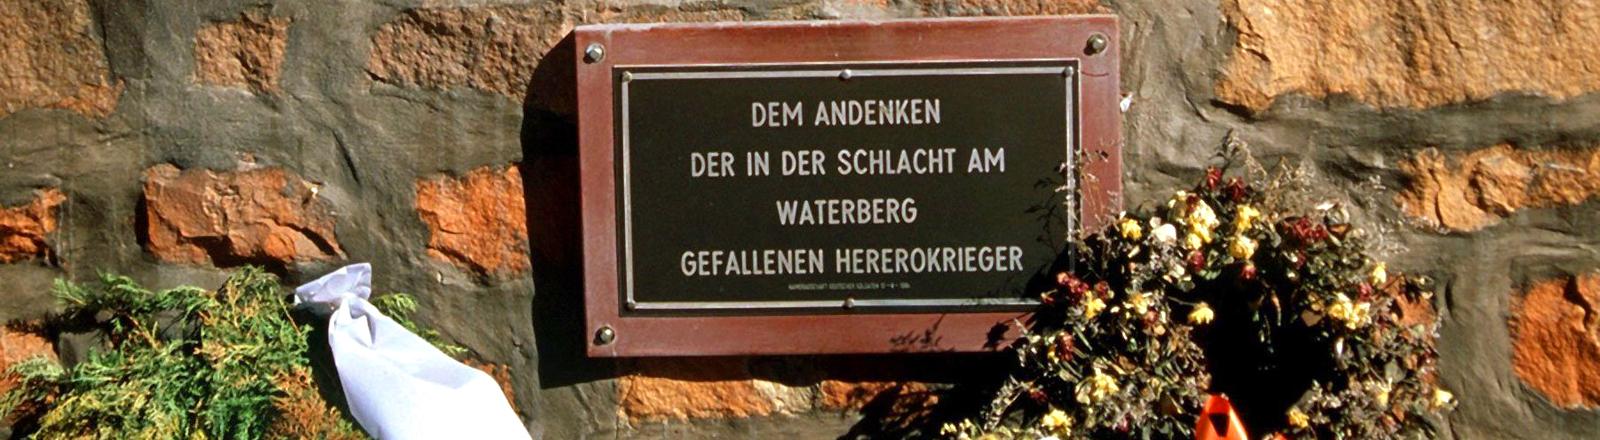 Eine mit Kränzen geschmückte Gedenktafel auf dem deutschen Friedhof am Waterberg (Nambia) für die Herero-Krieger, die bei der entscheidenden Schlacht am 11. August 1904 gegen die deutschen Kolonialtruppen gefallen sind